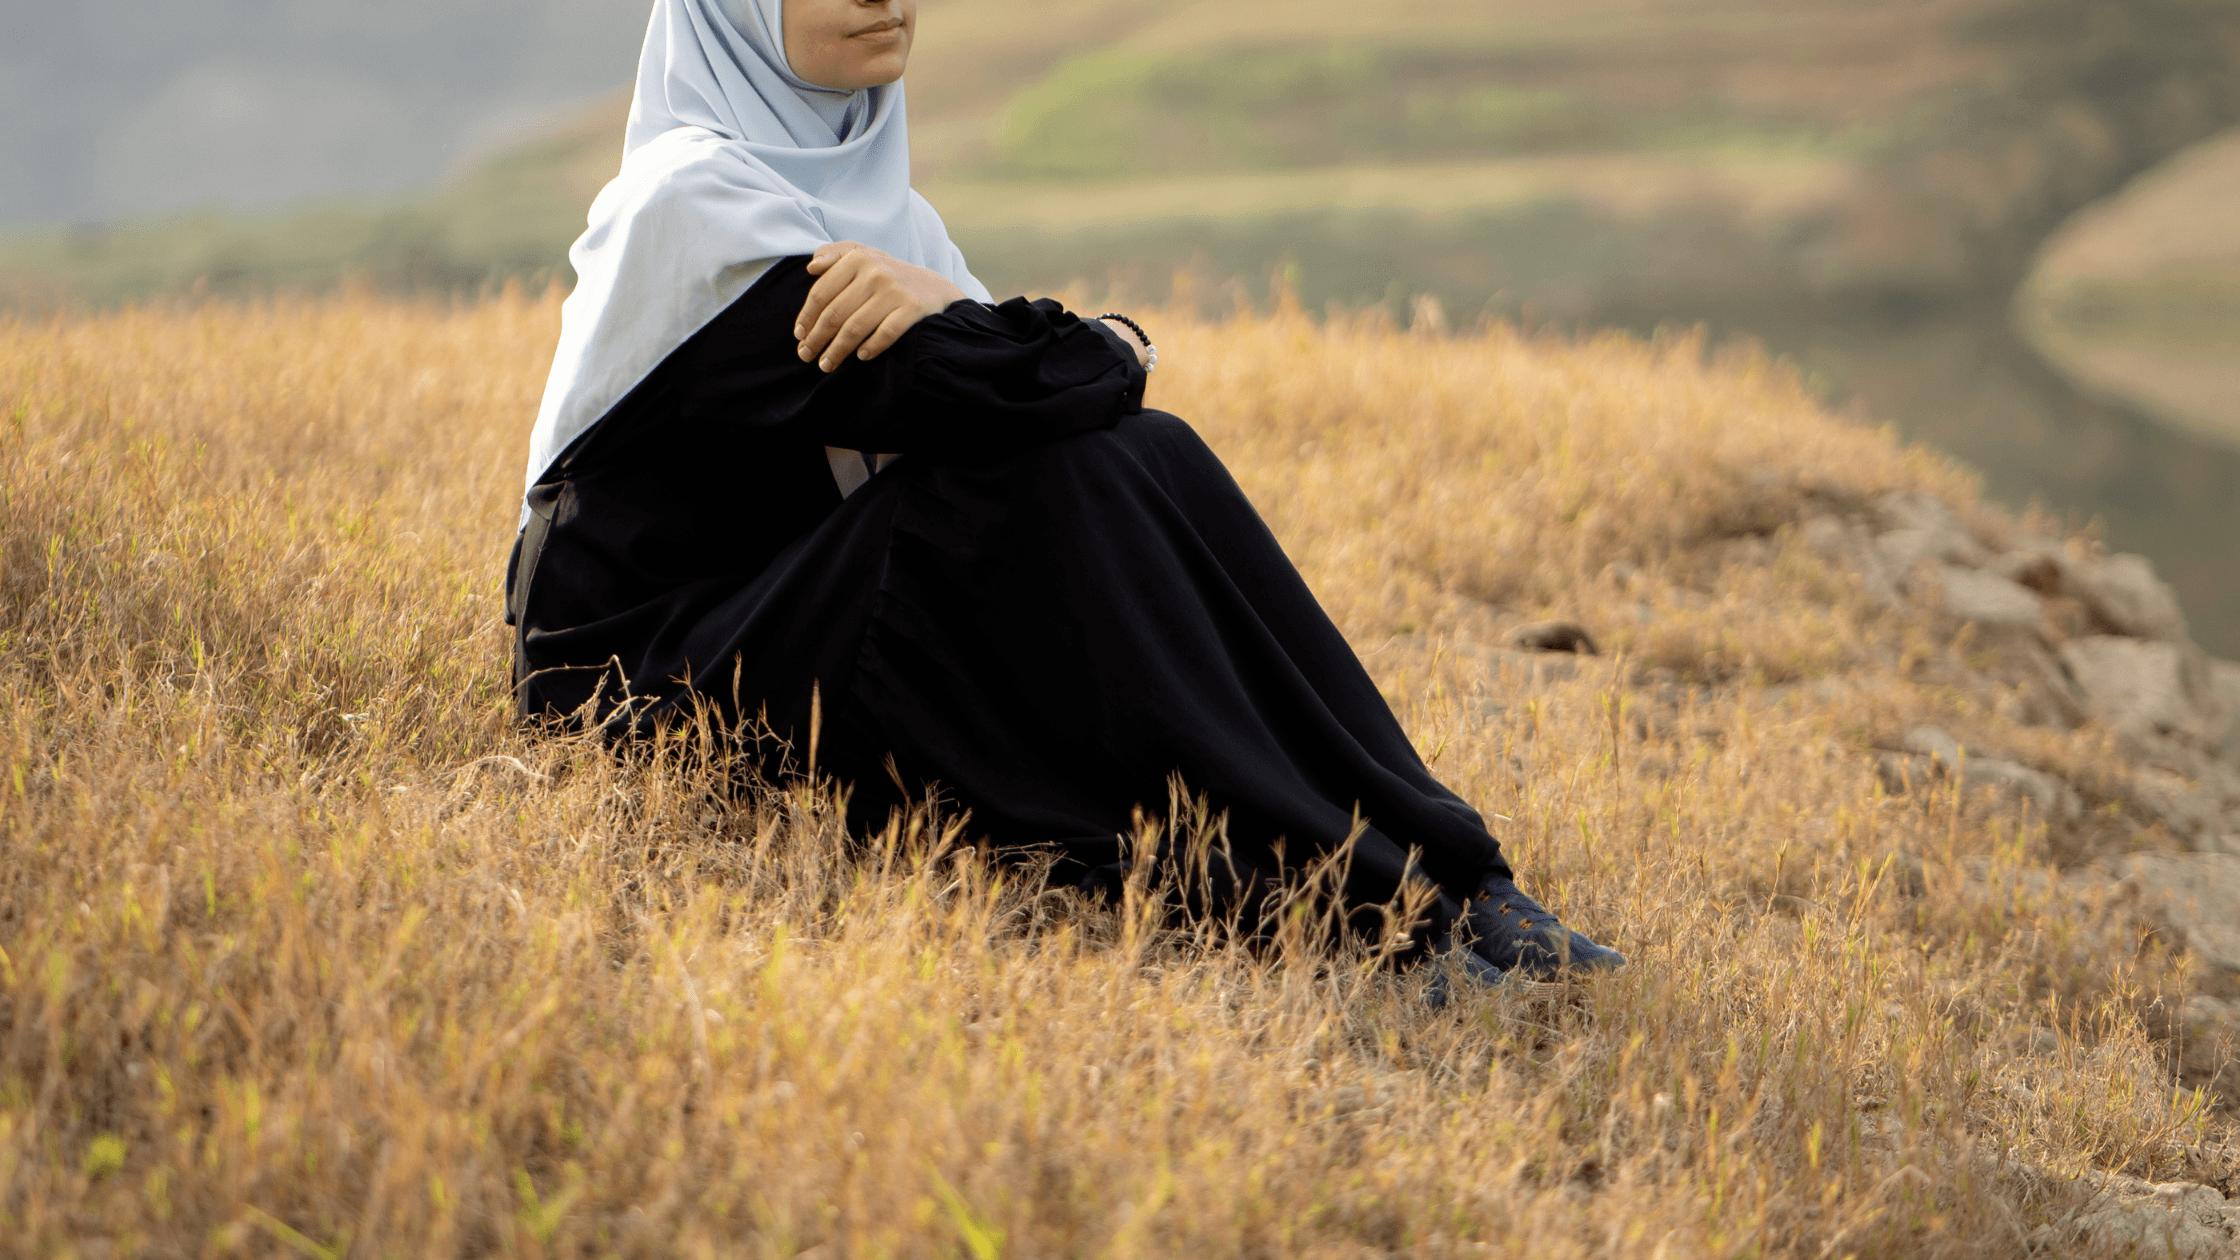 Une femme musulmane doit apprendre à optimiser son temps pour libérer du temps pour soi et être zen